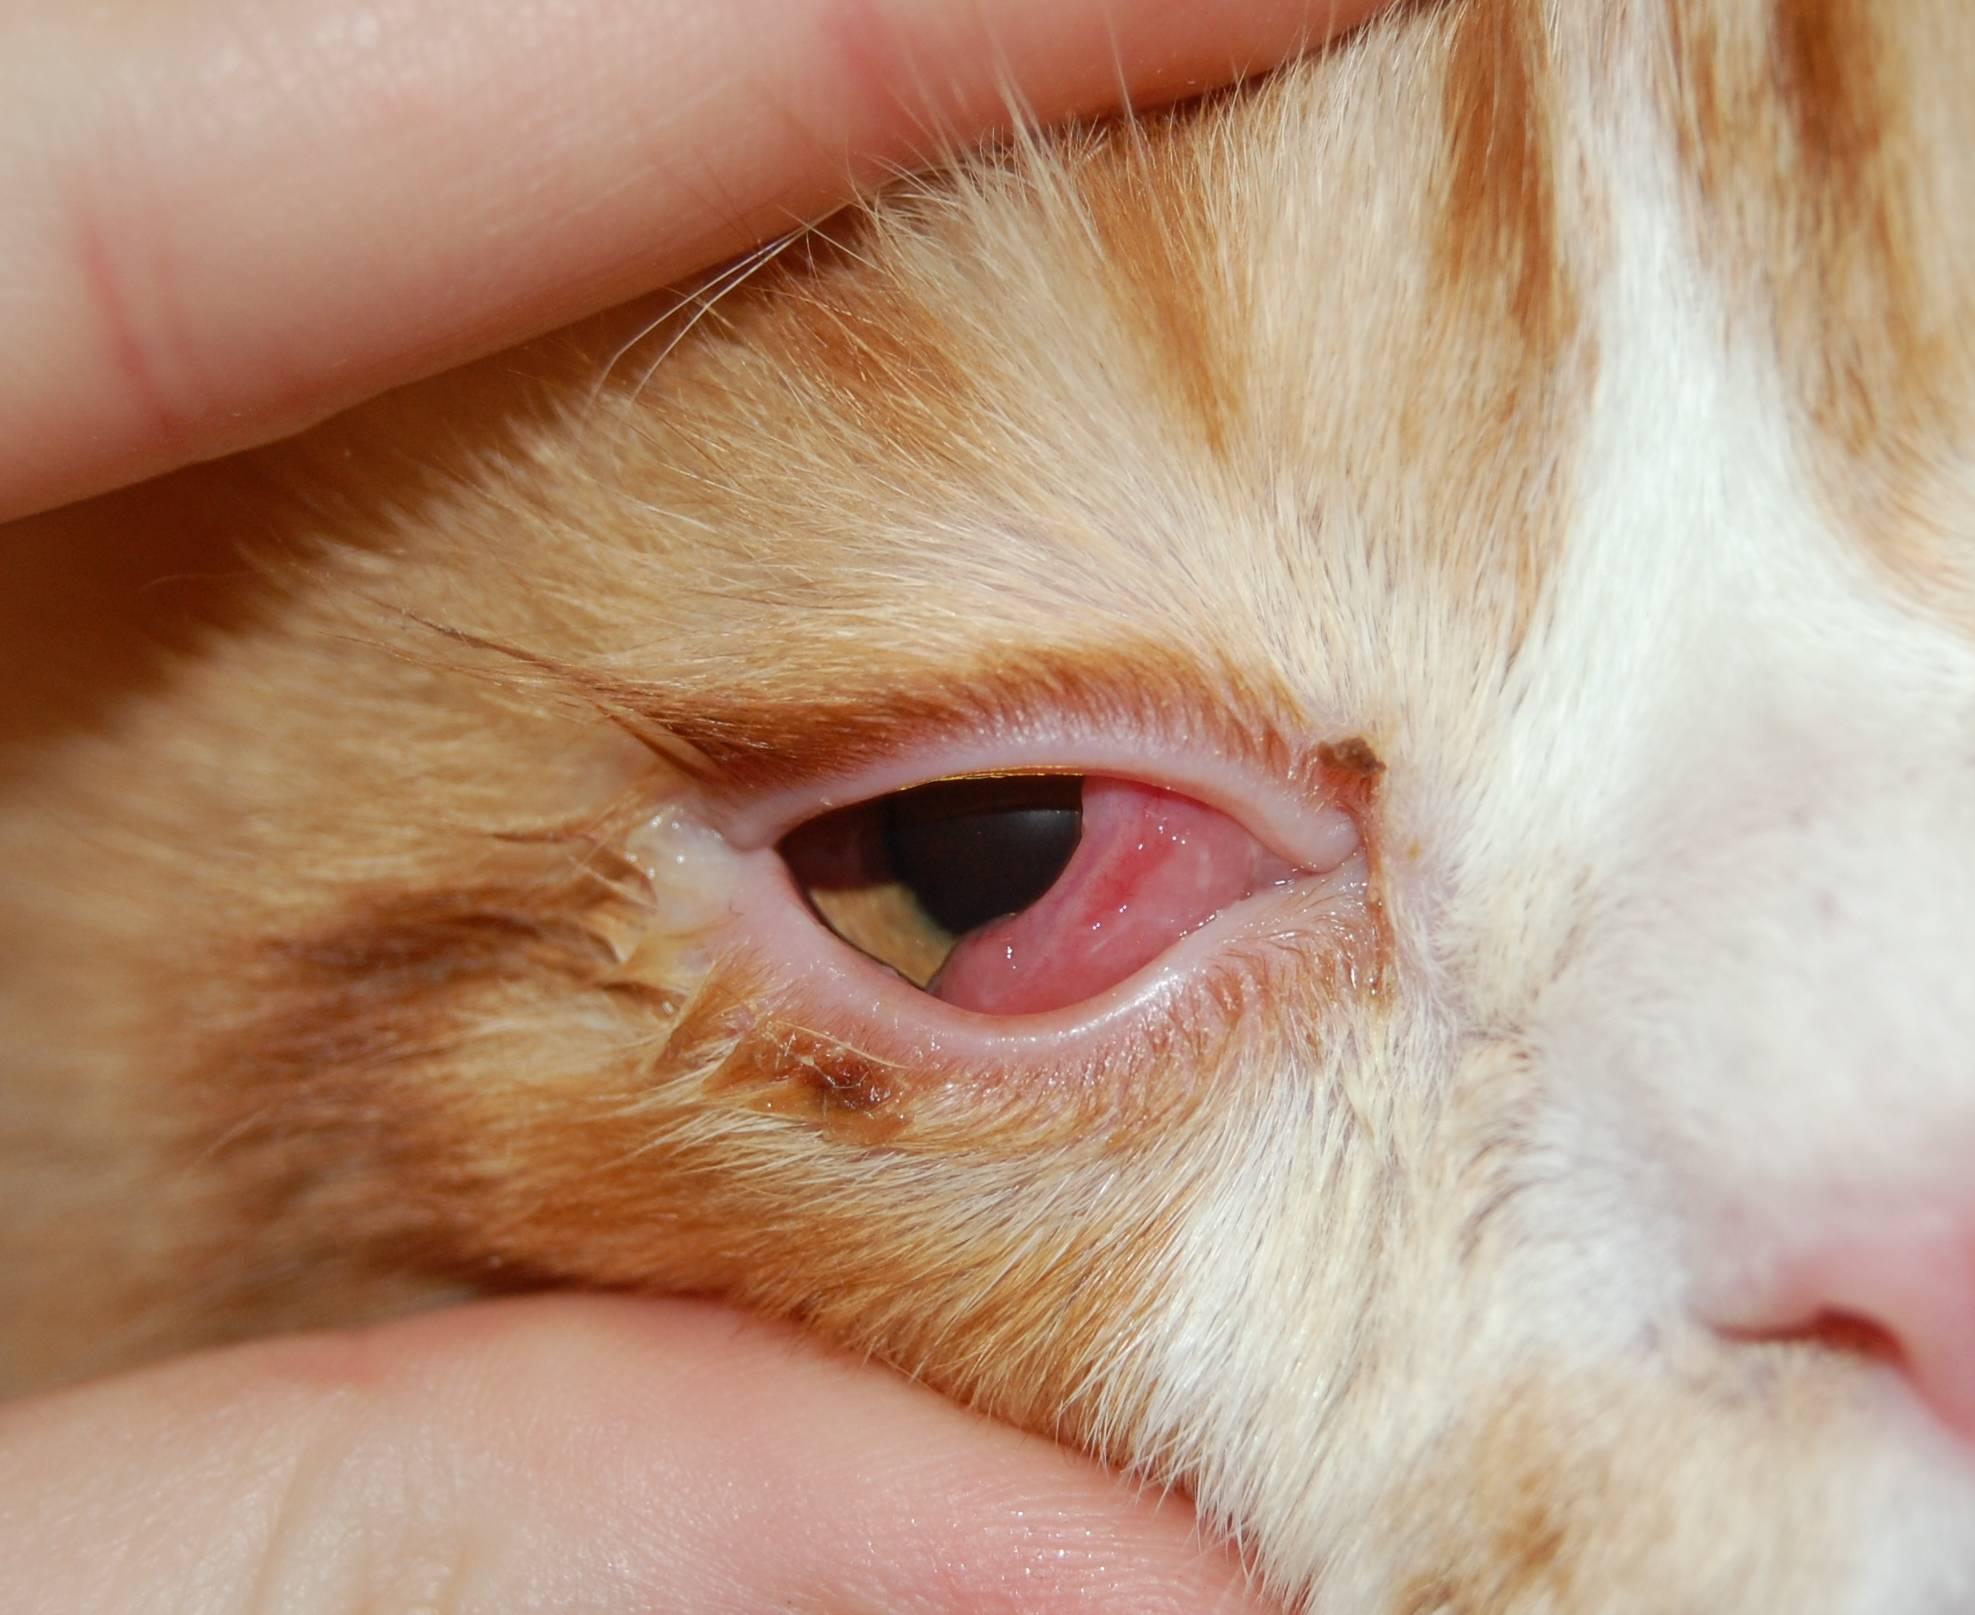 У кошки или кота слезятся глаза: почему, что делать в домашних условиях, как помочь котенку и взрослому животному, чем промыть